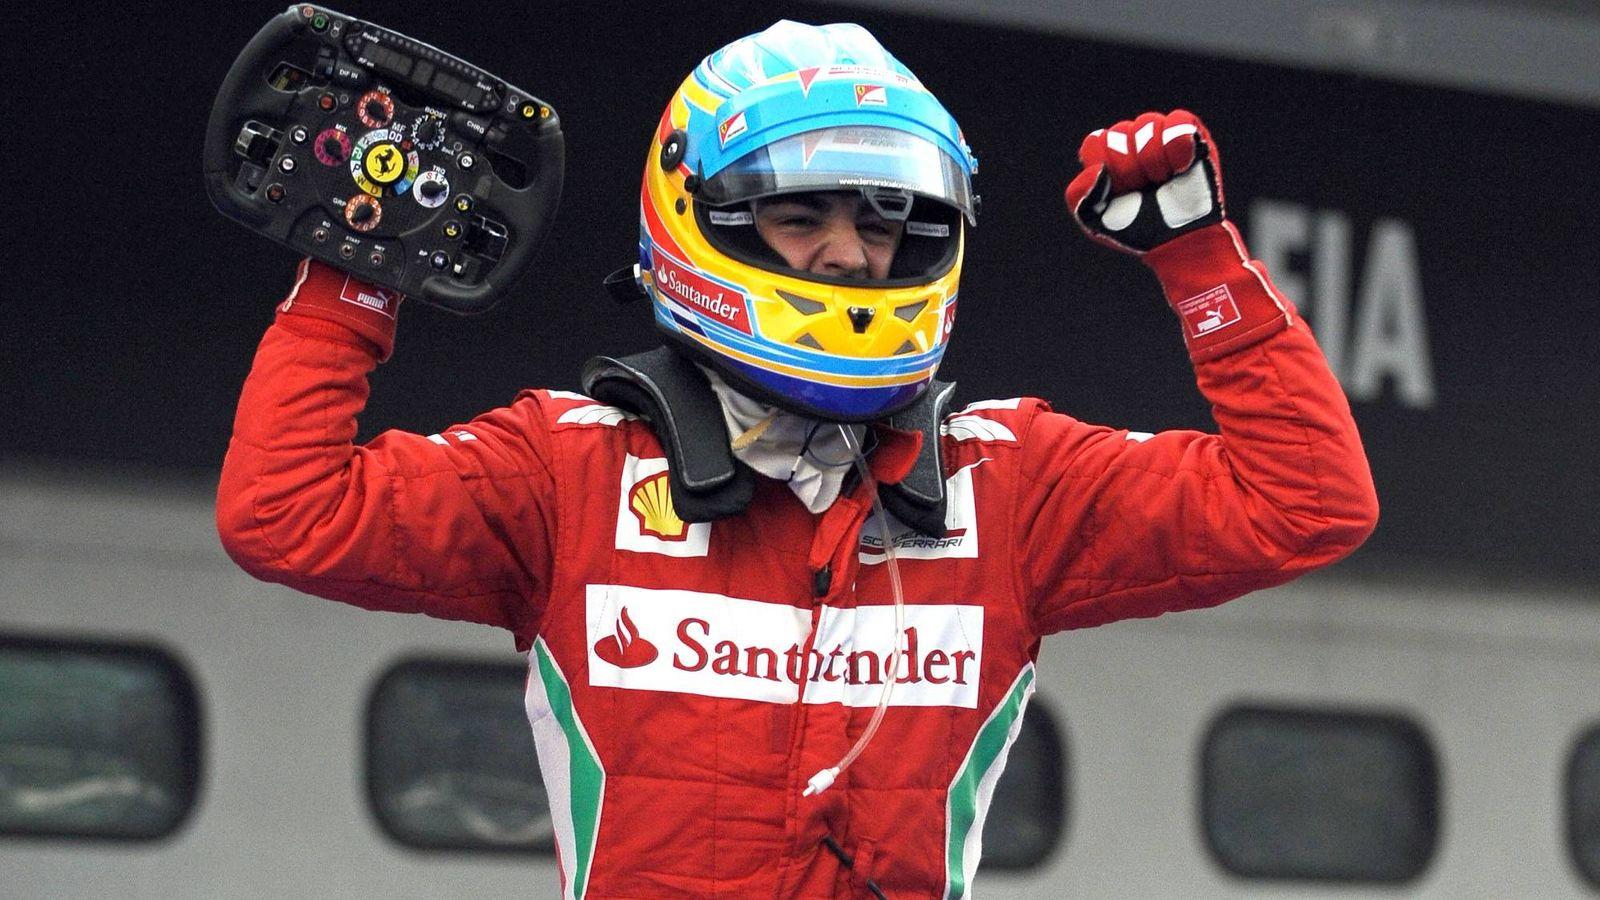 Foto: Fernando Alonso obtuvo una de sus mejores victorias en el Gran Premio de Malasia de 2012. (Ferrari)